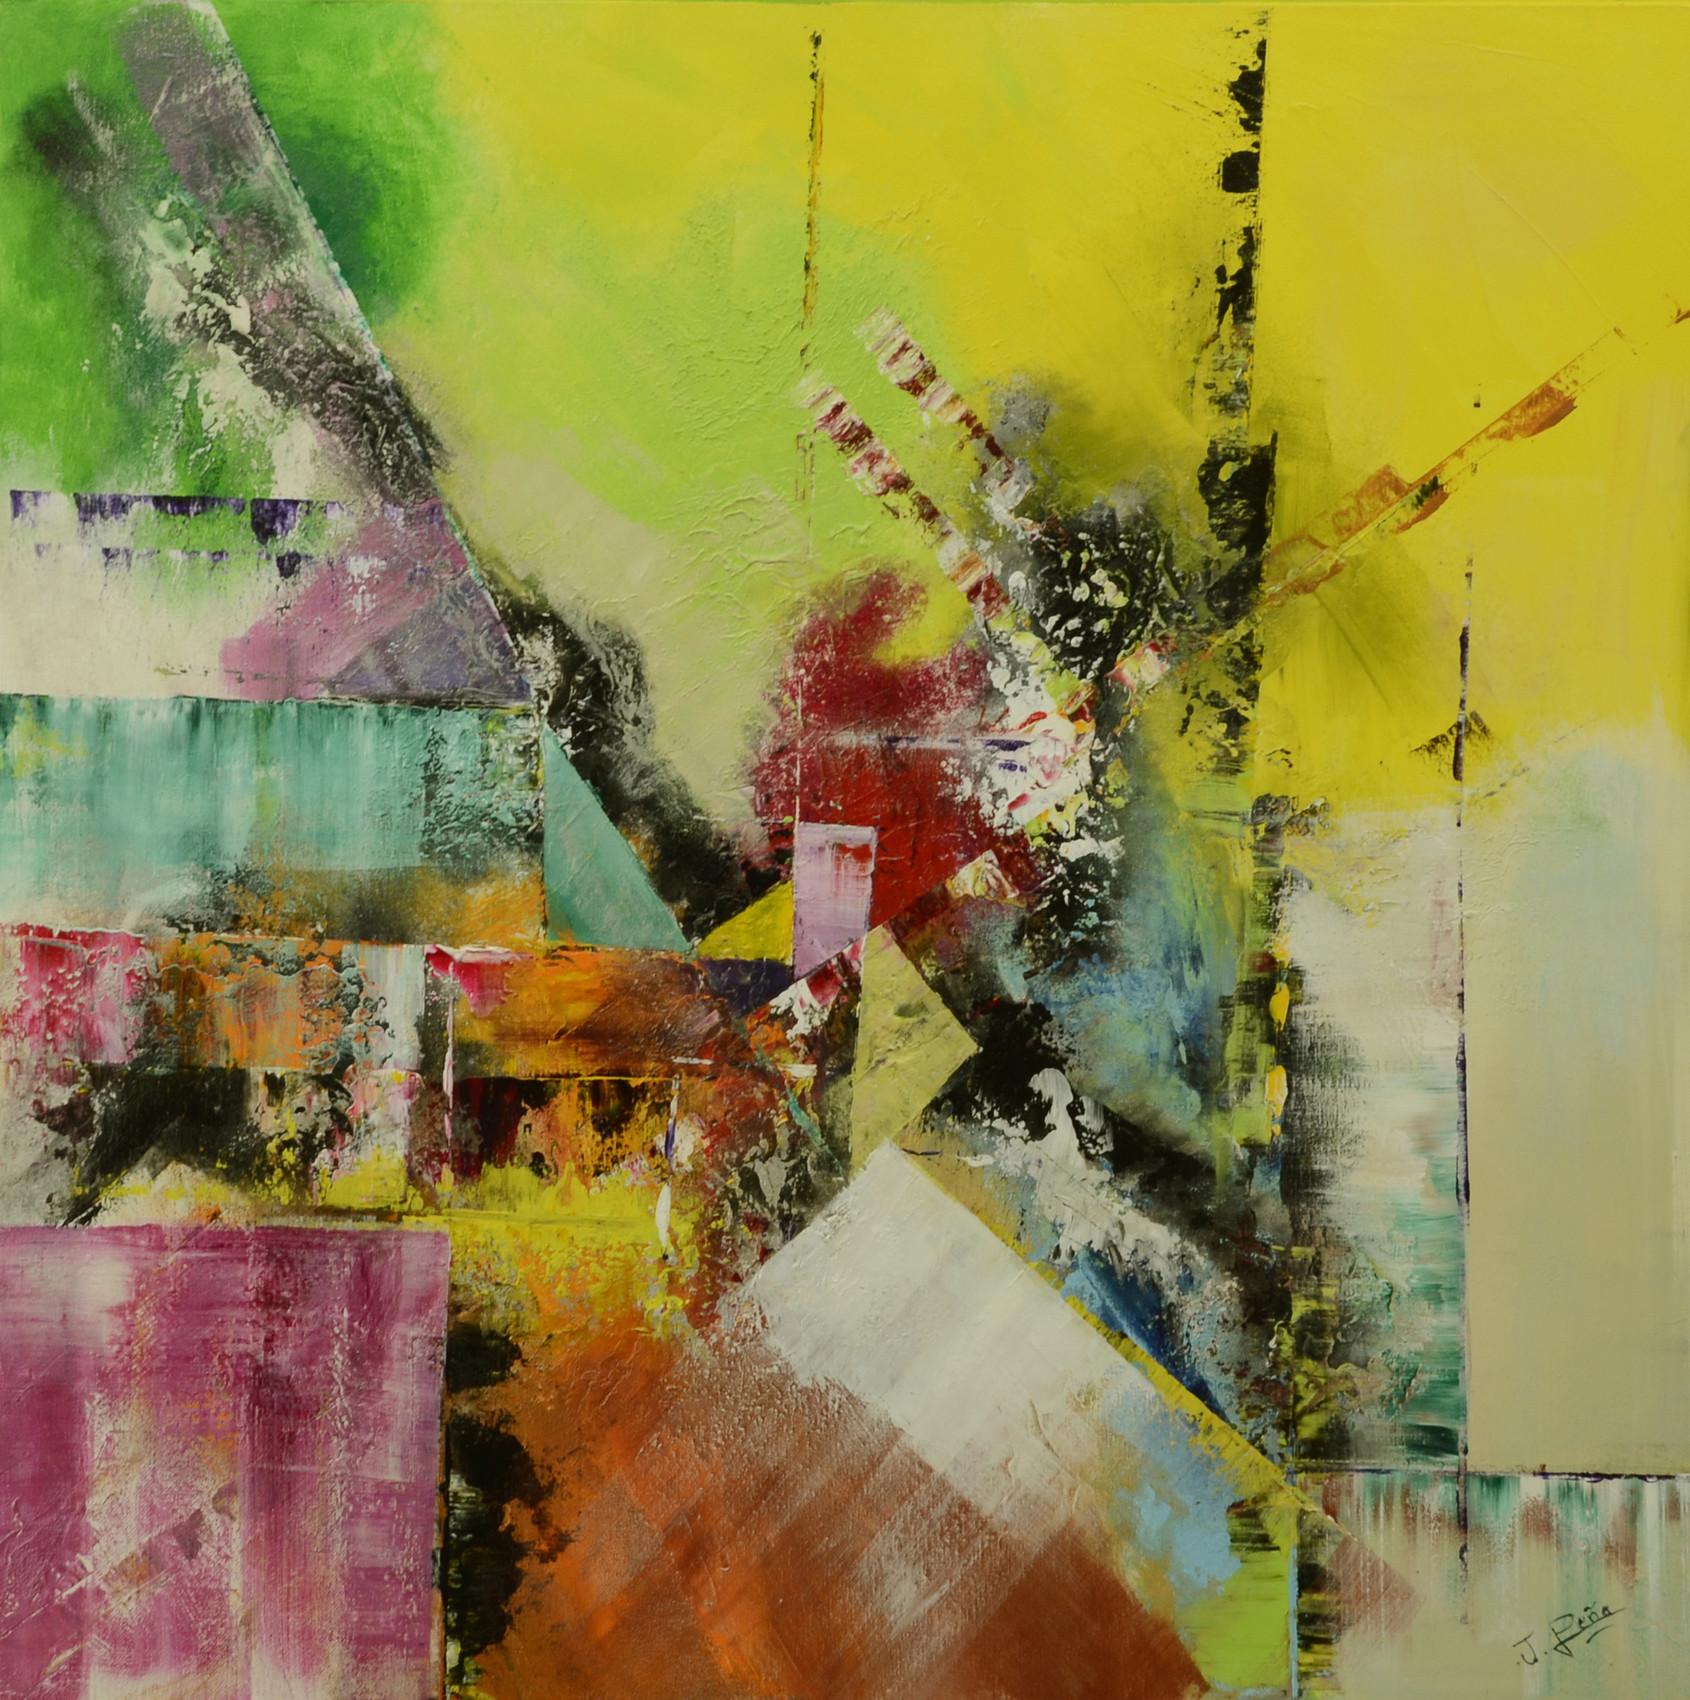 Peinture tableau abstrait la peinture acrylique style art d co behindy - Peinture glycero ou acrylique ...